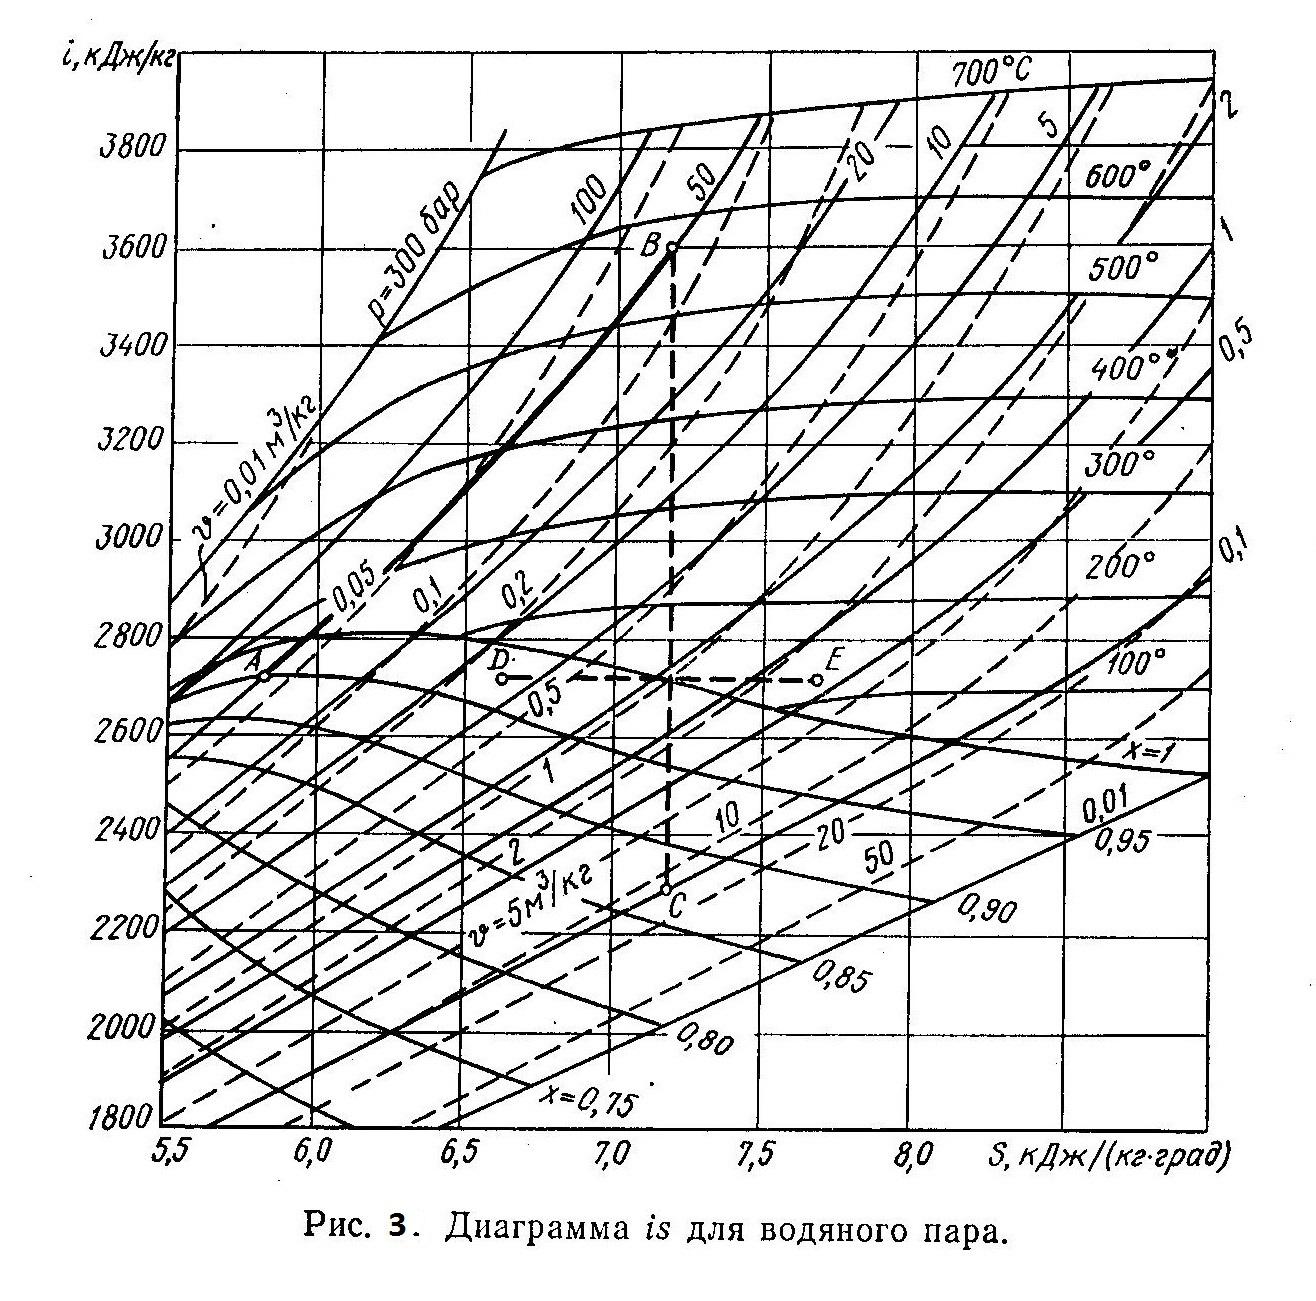 is диаграмма водяного пара